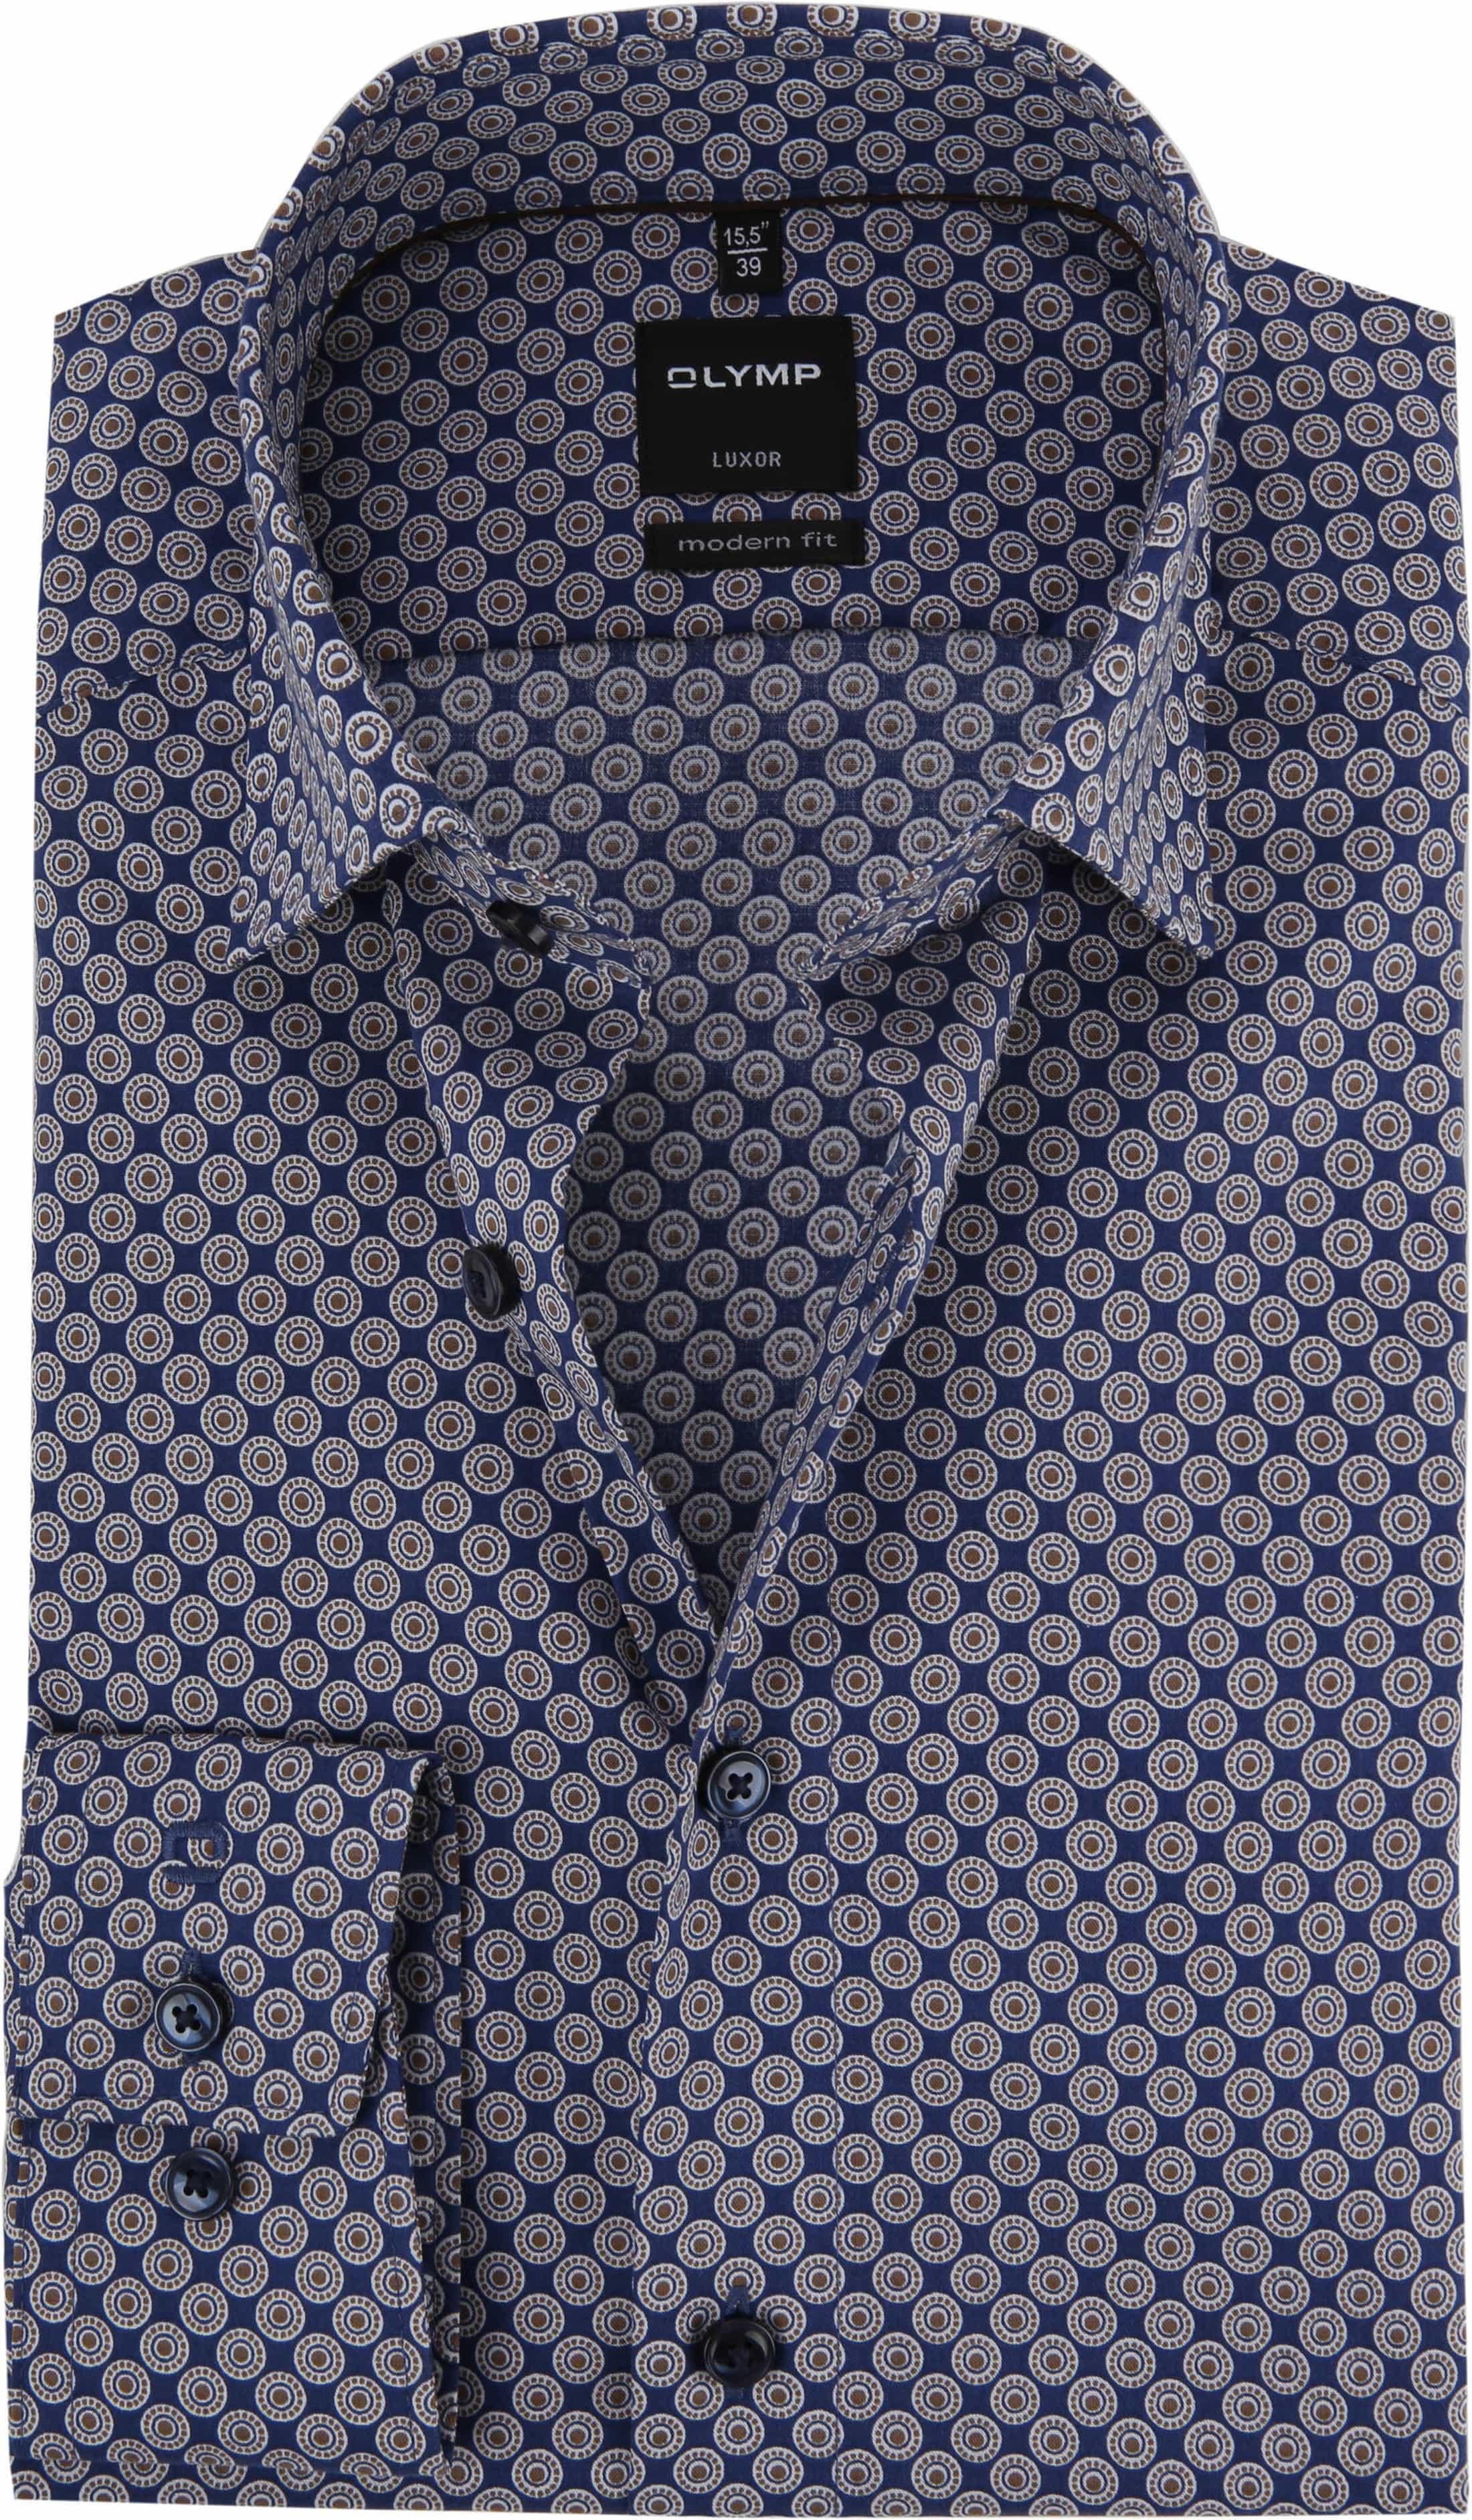 OLYMP Luxor Overhemd MF Bruin Dessin foto 0